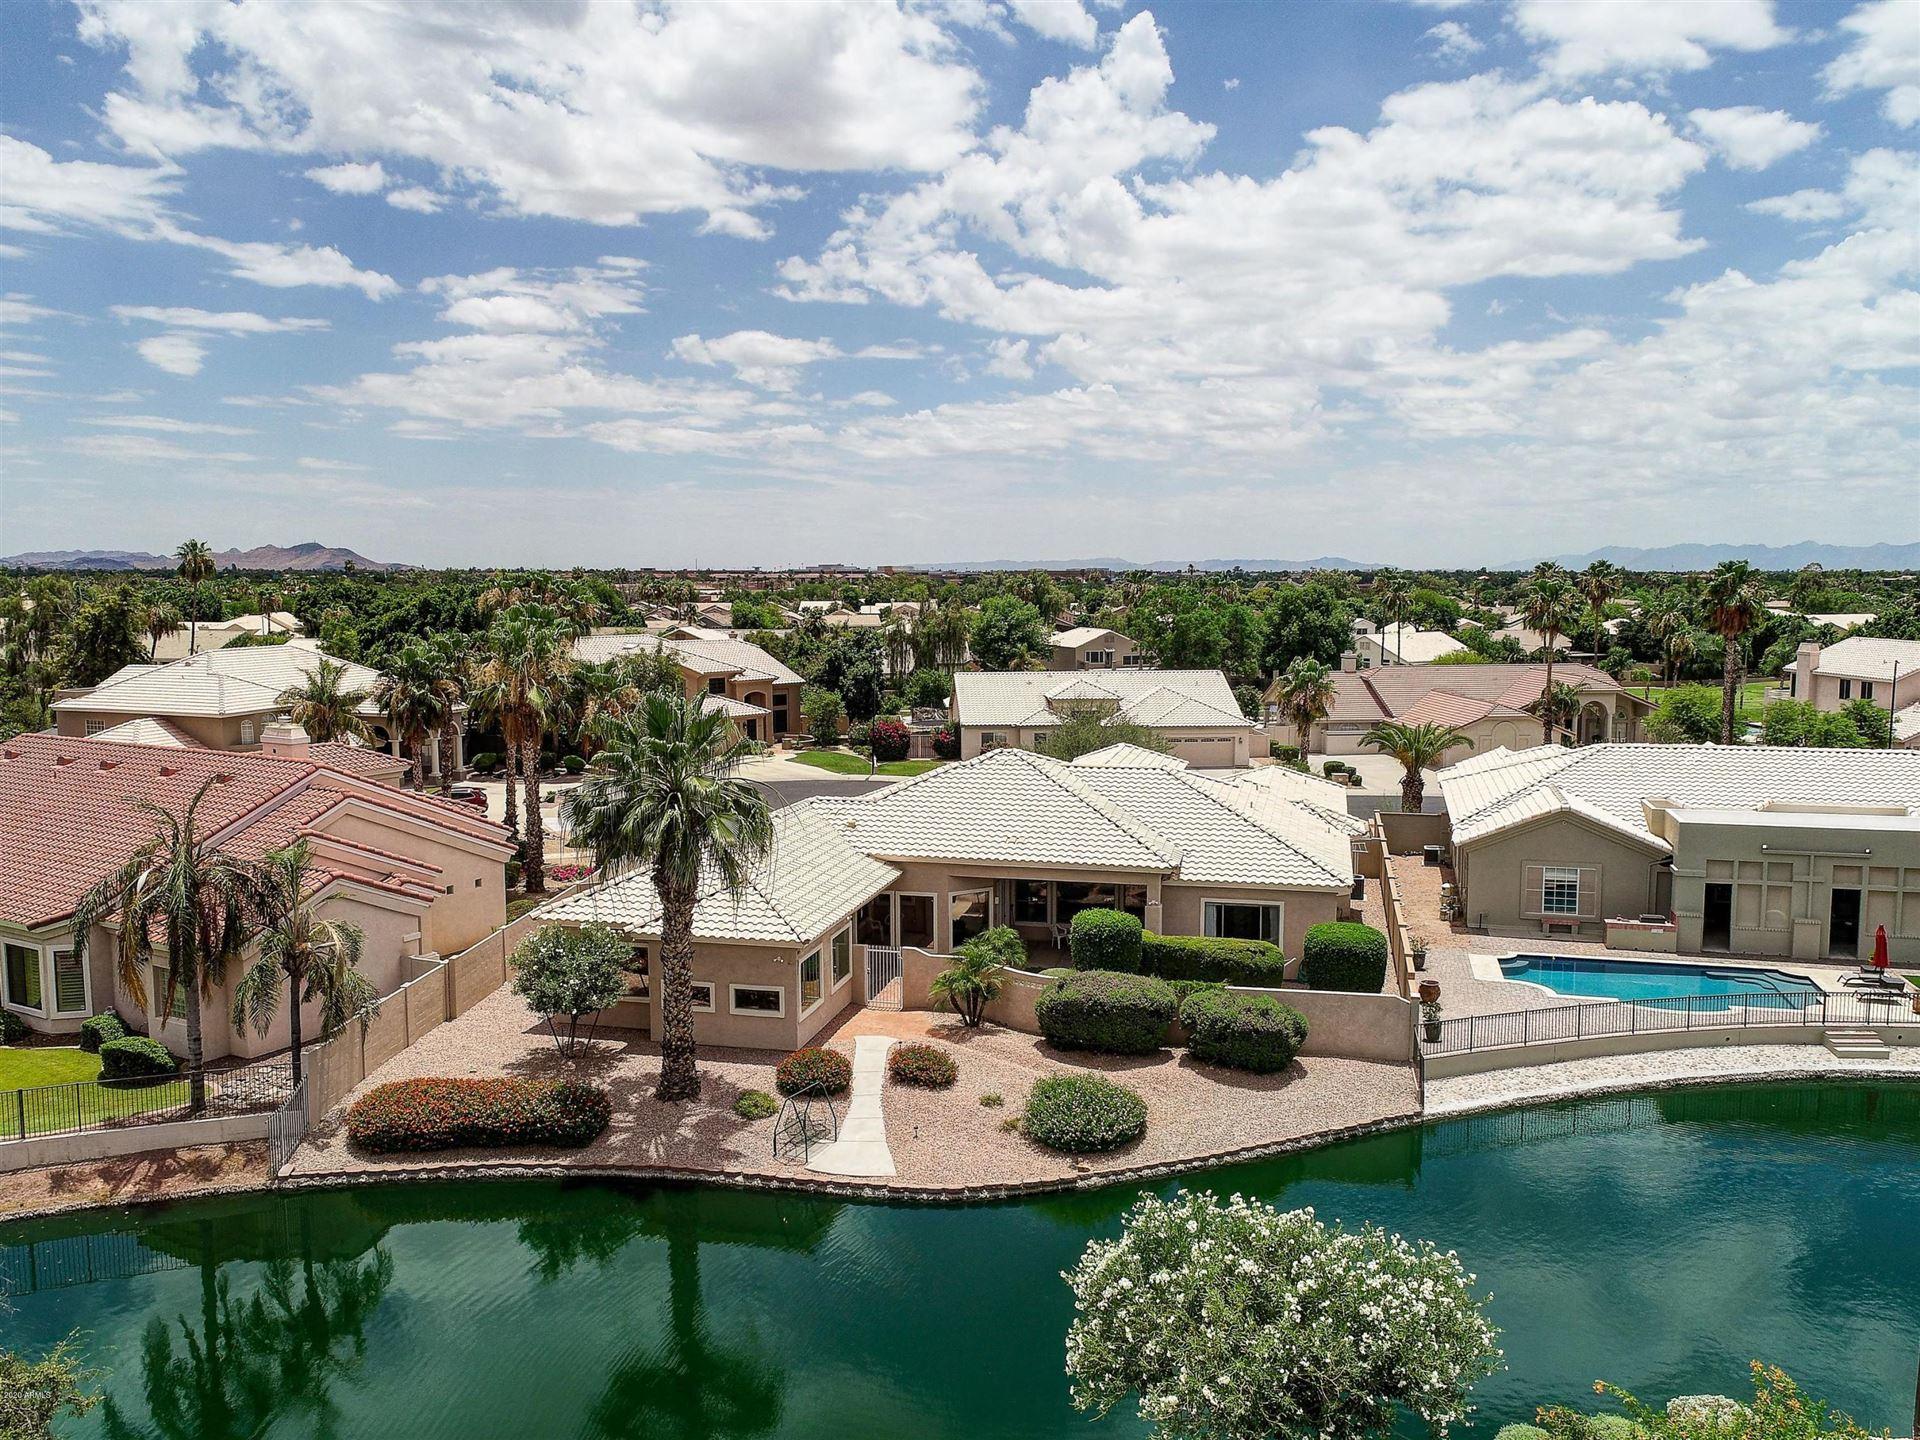 6060 W LONE CACTUS Drive, Glendale, AZ 85308 - #: 6095198